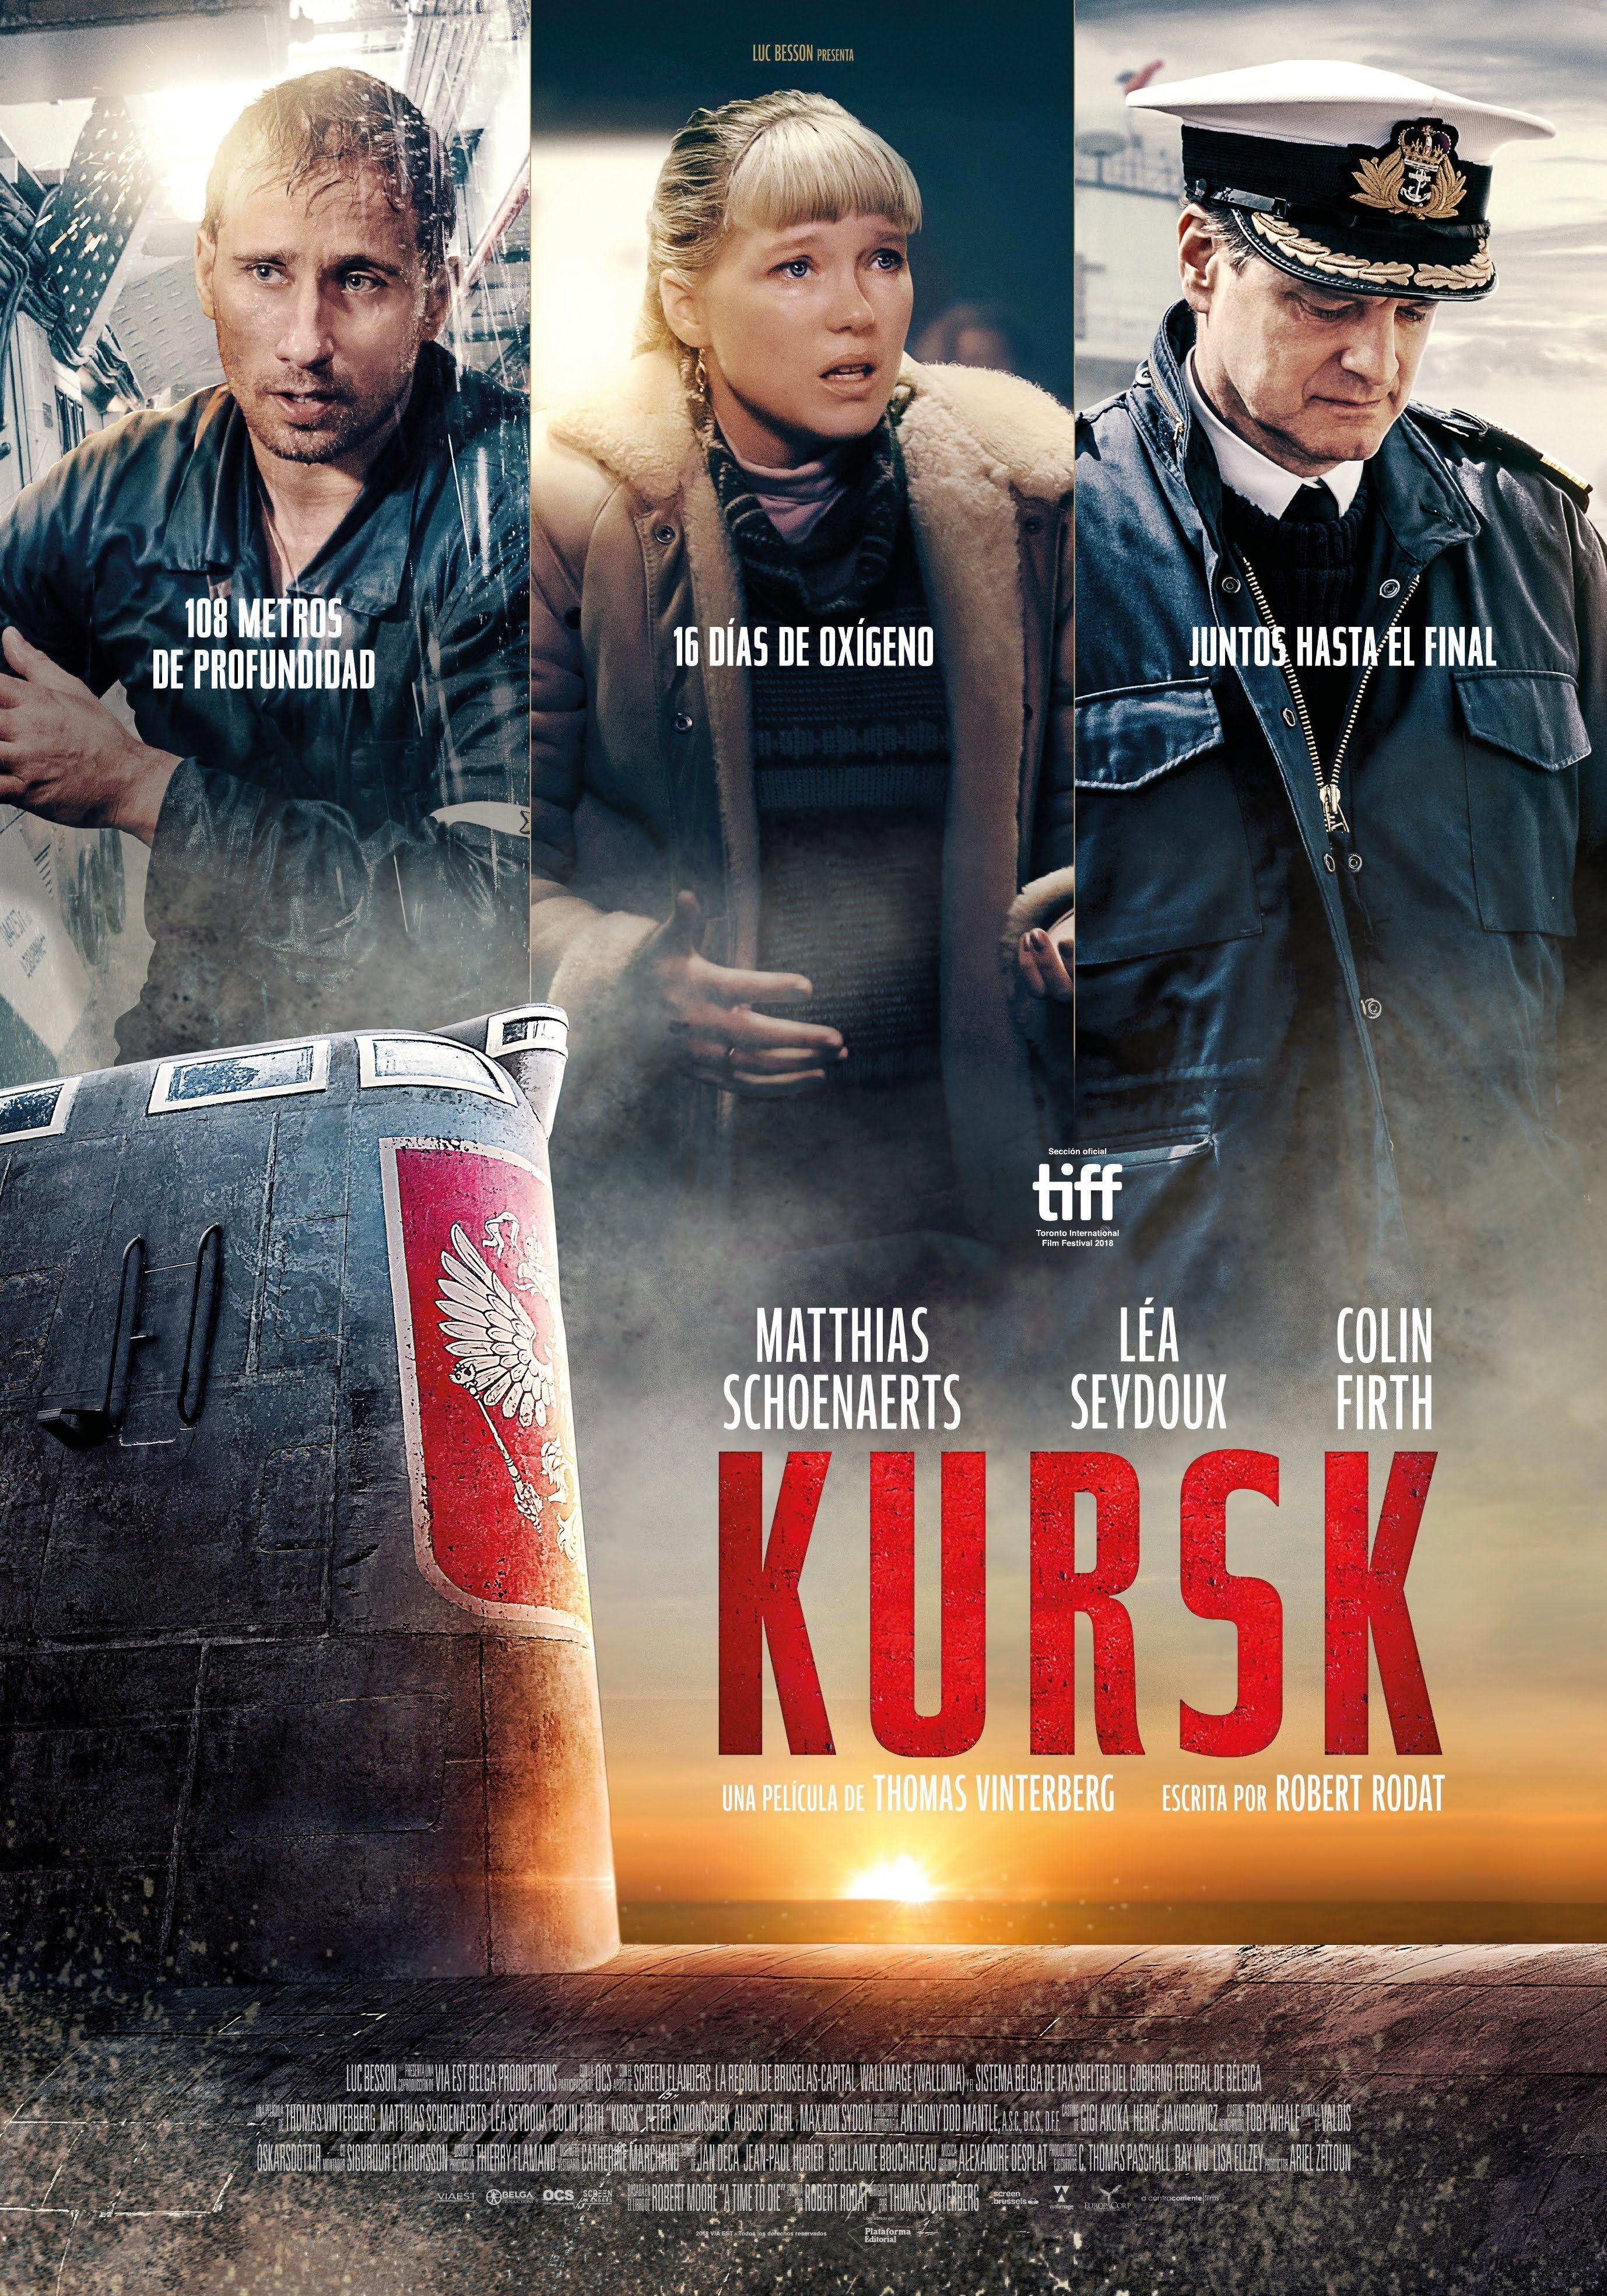 Kursk | Movies | About time movie, Drama film, 2018 movies